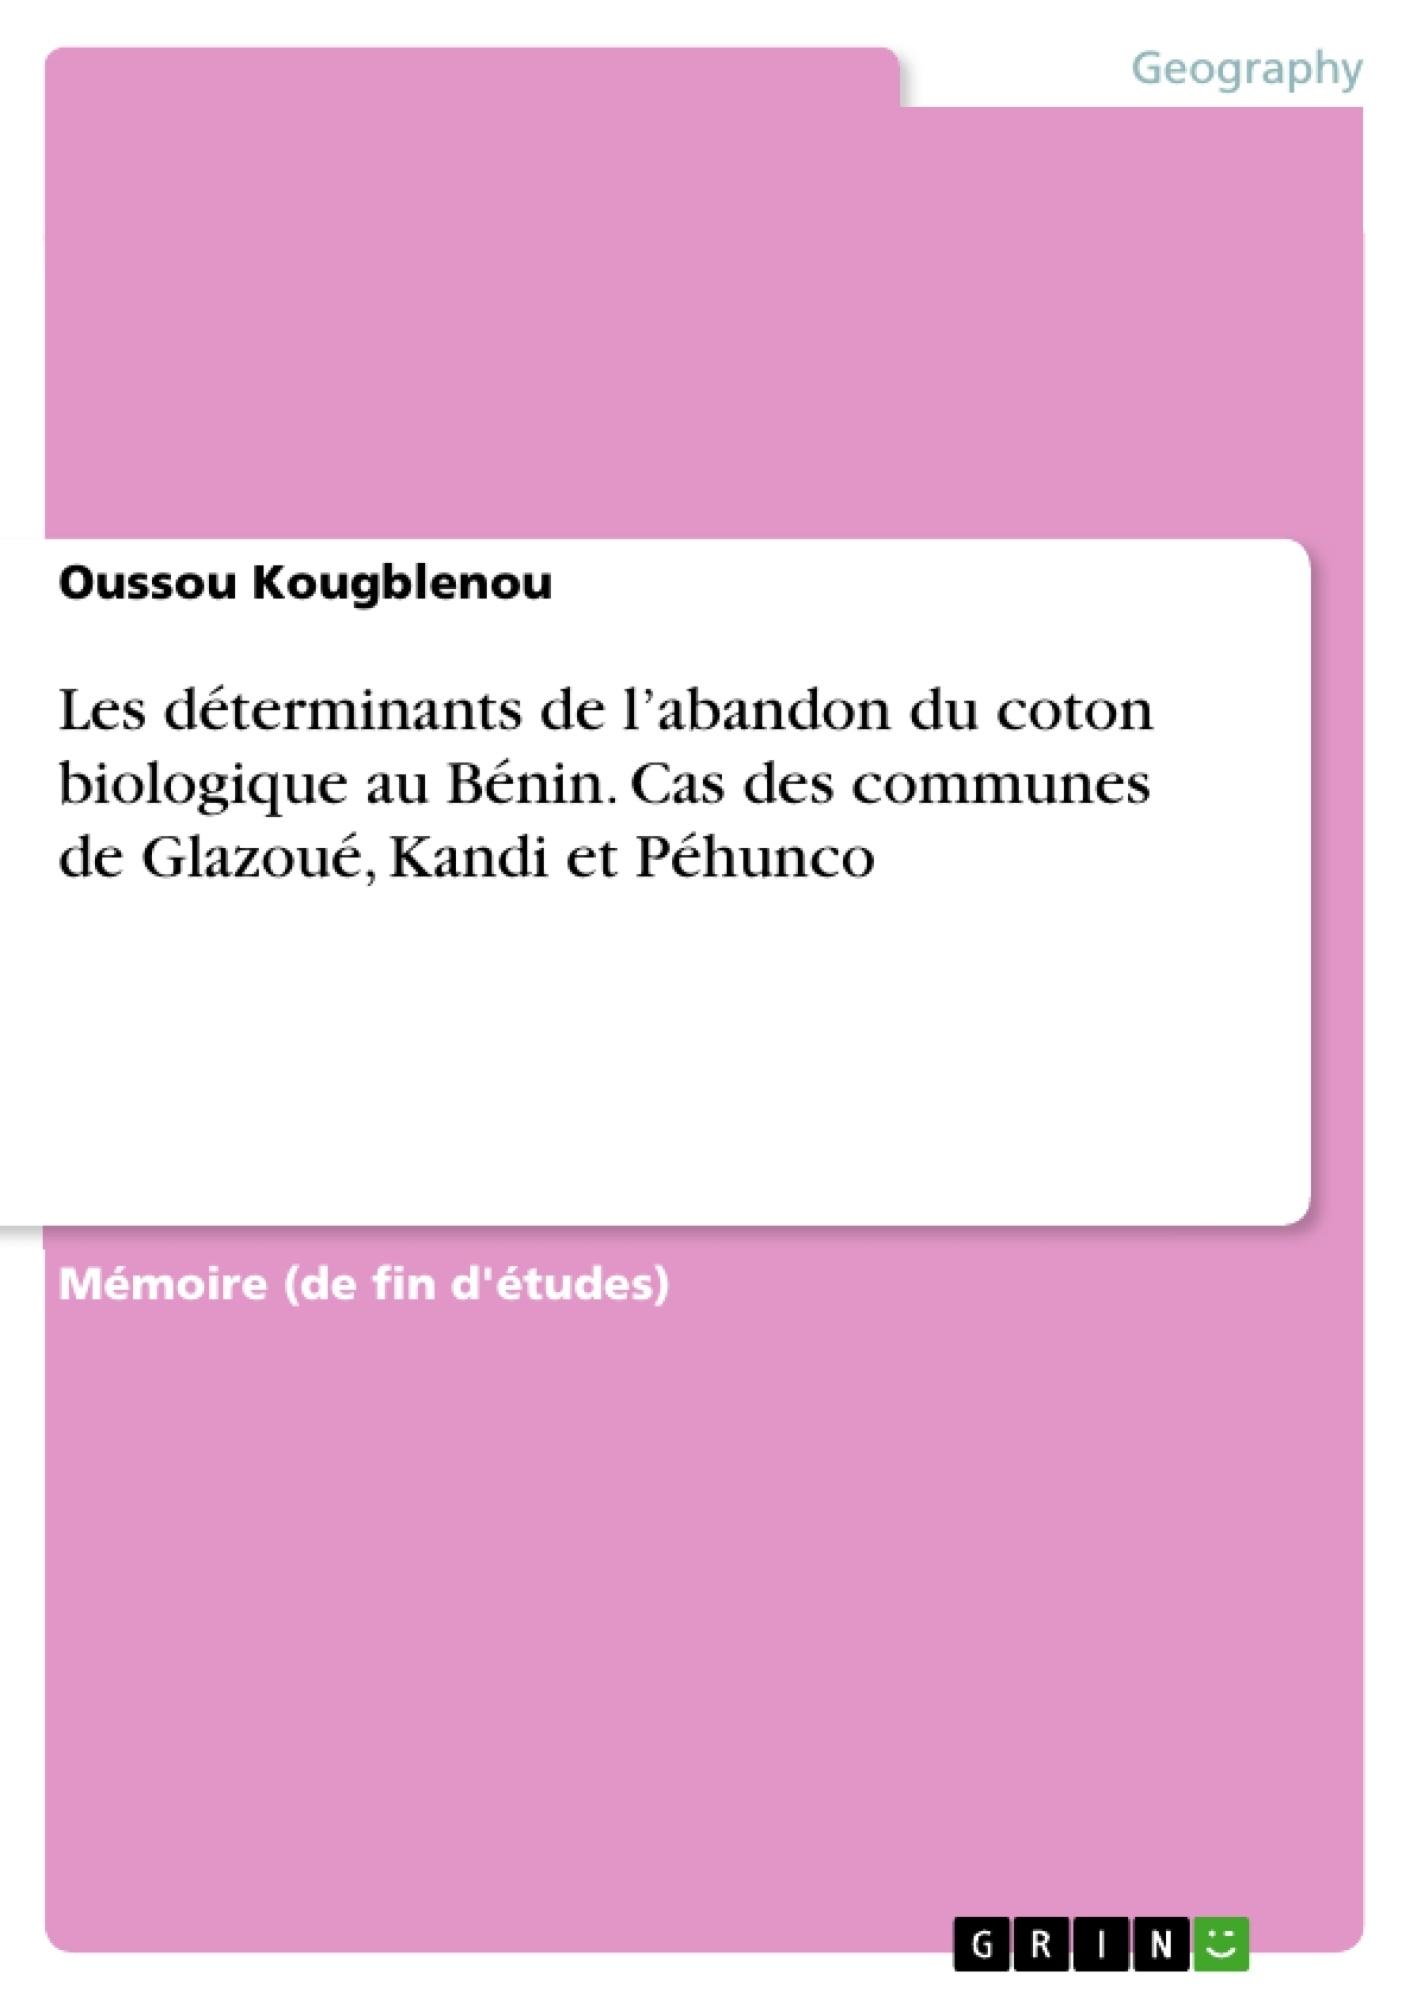 Titre: Les déterminants de l'abandon du coton biologique au Bénin. Cas des communes de Glazoué, Kandi et Péhunco